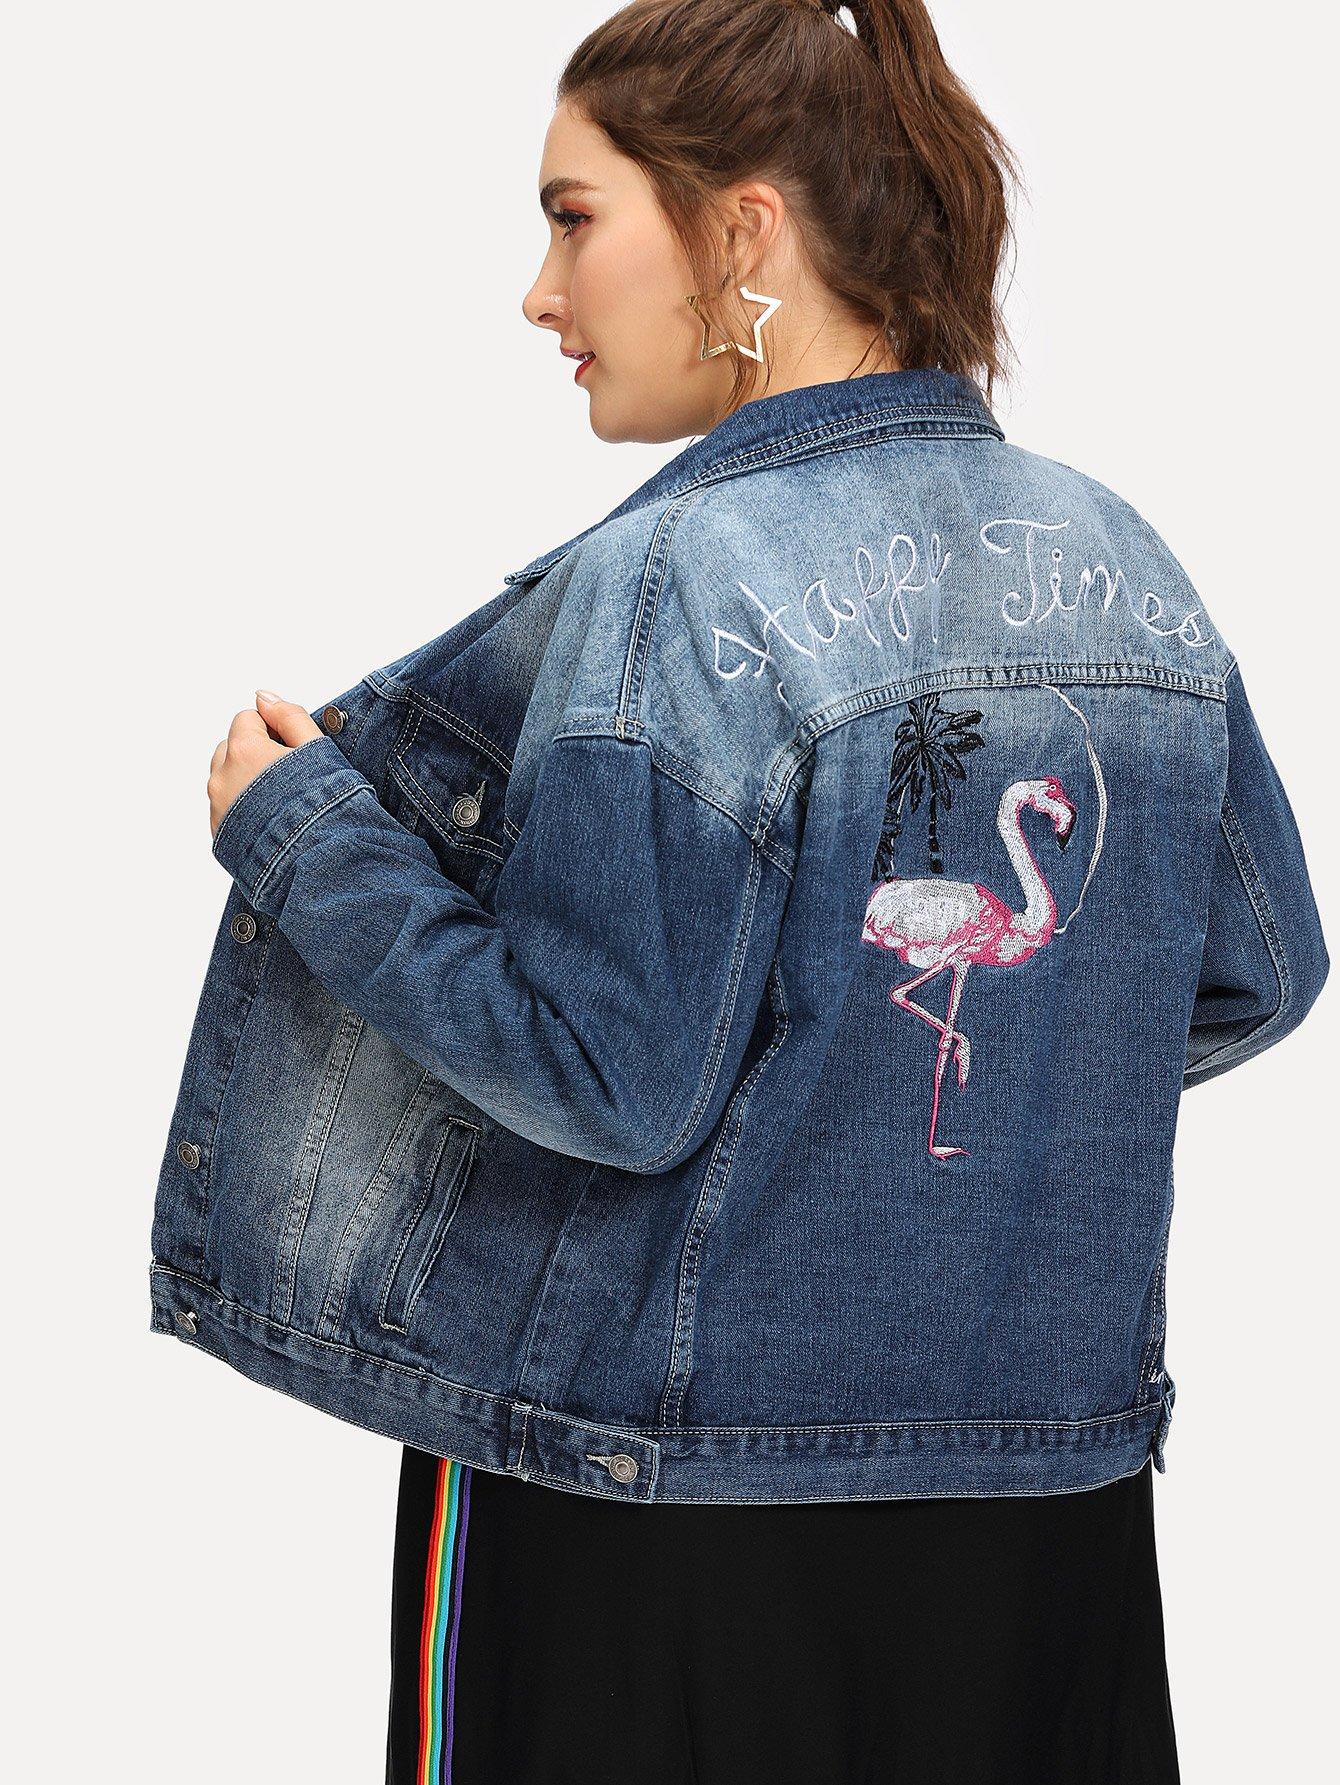 Купить Жакет деним обесвеченный с вышивкой надпись и фламинго, Franziska, SheIn